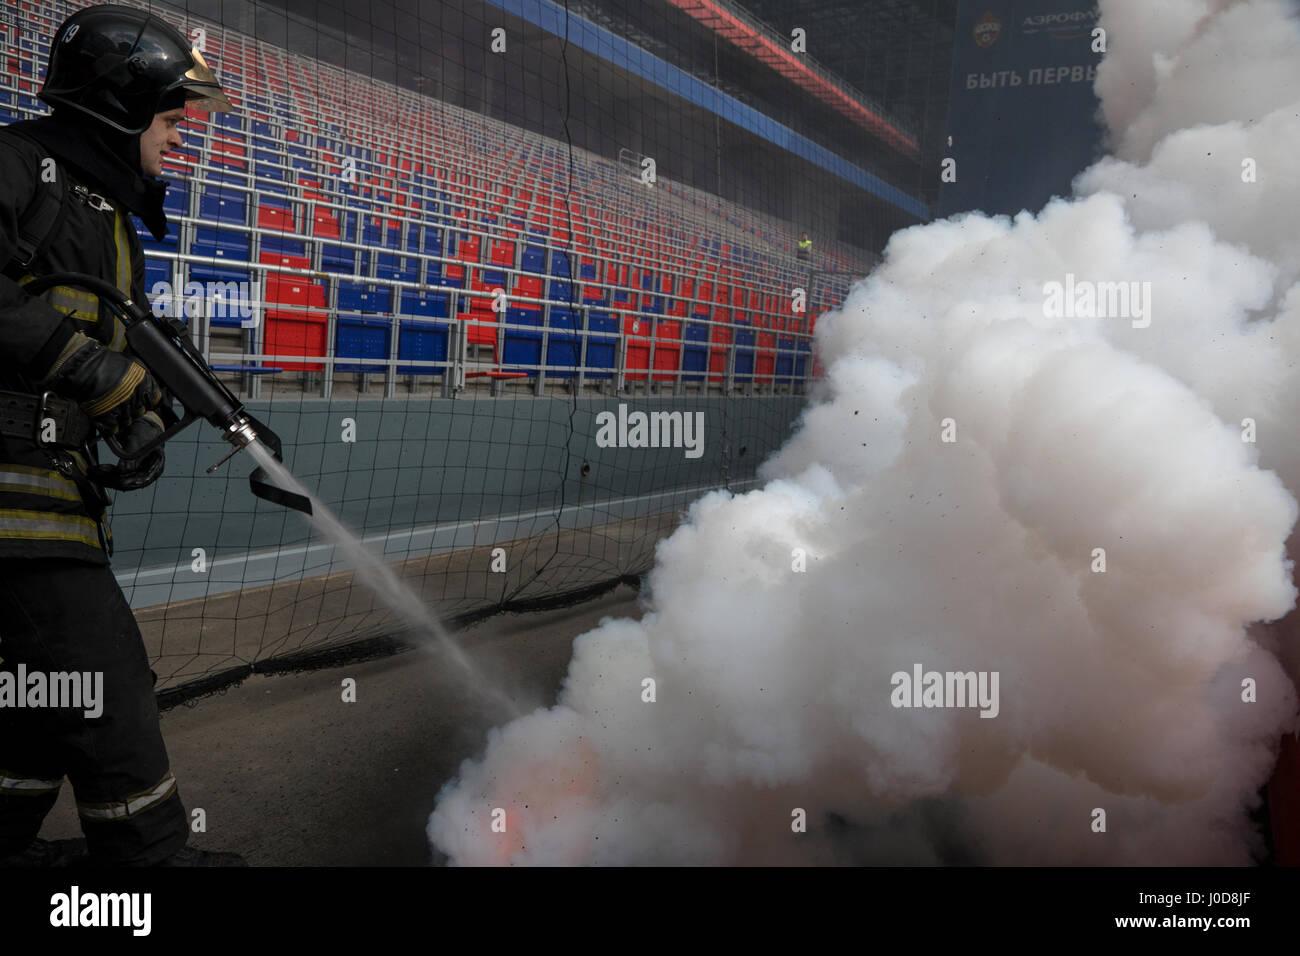 Moscú, Rusia. 12 abr, 2017. Simulacro de incendio del Ministerio de Emergencias en el CSKA de Moscú Arena Imagen De Stock